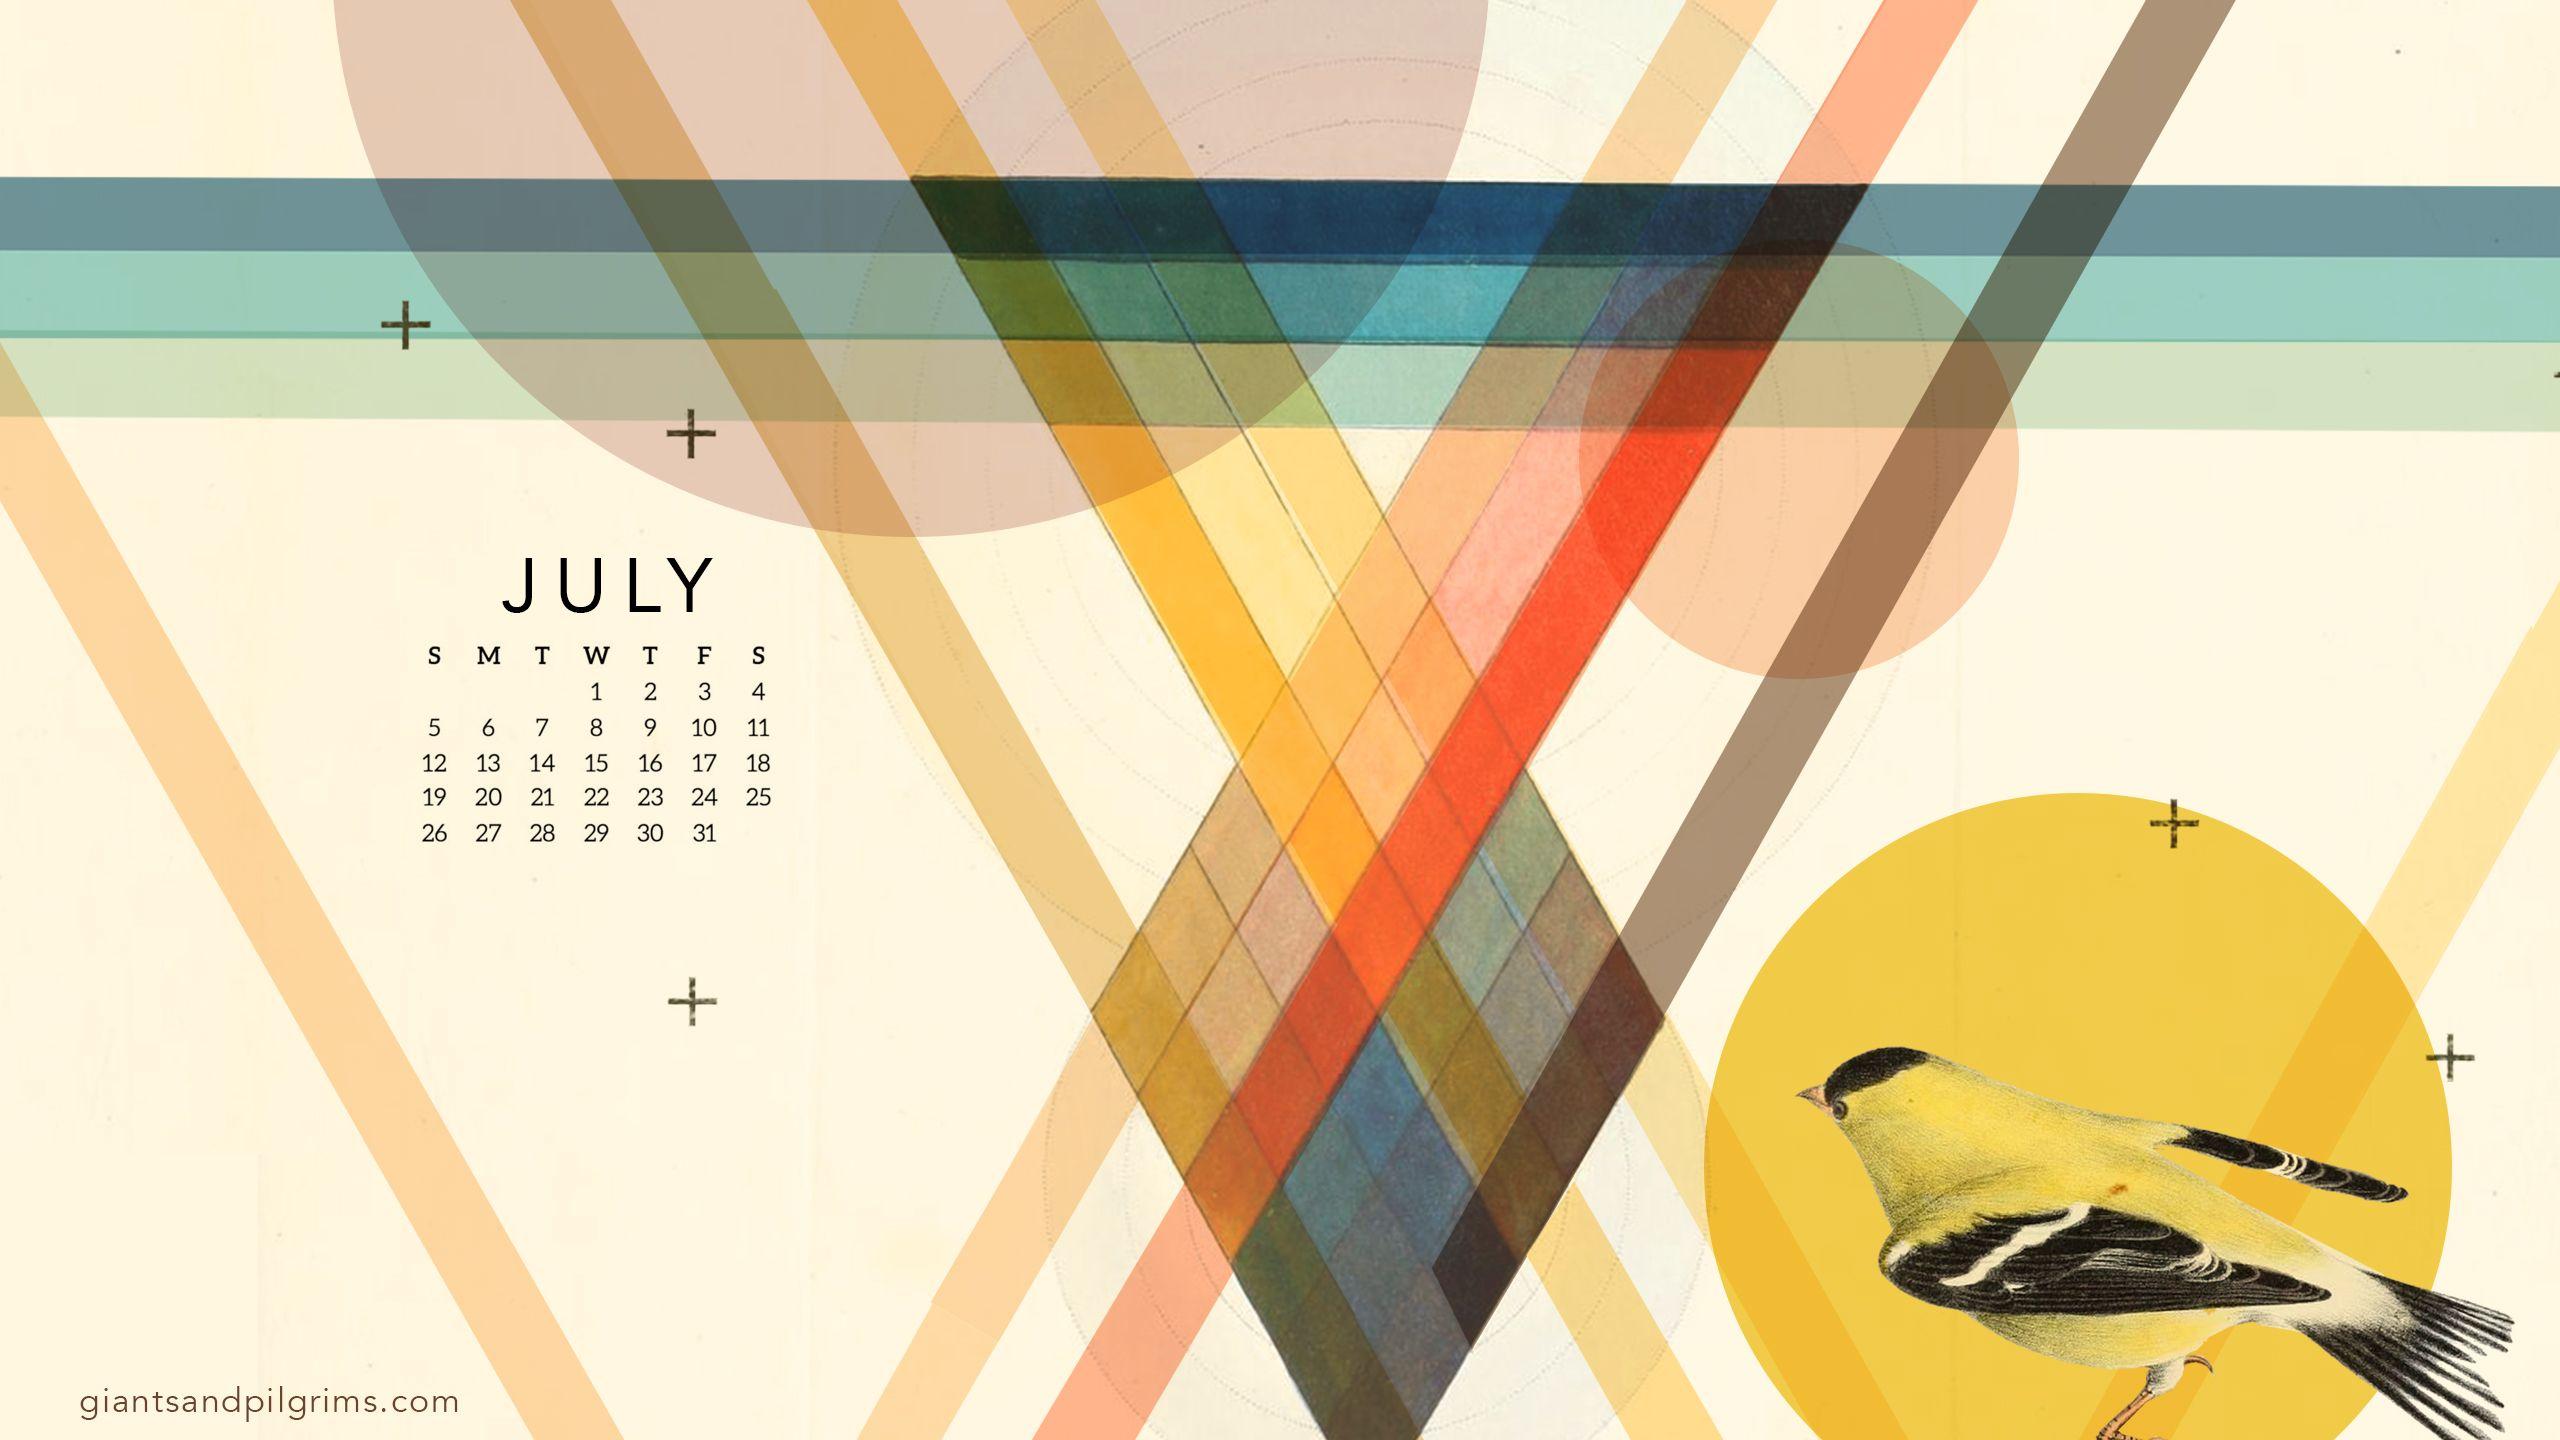 July 2020 Desktop Iphone Wallpaper Giants Pilgrims